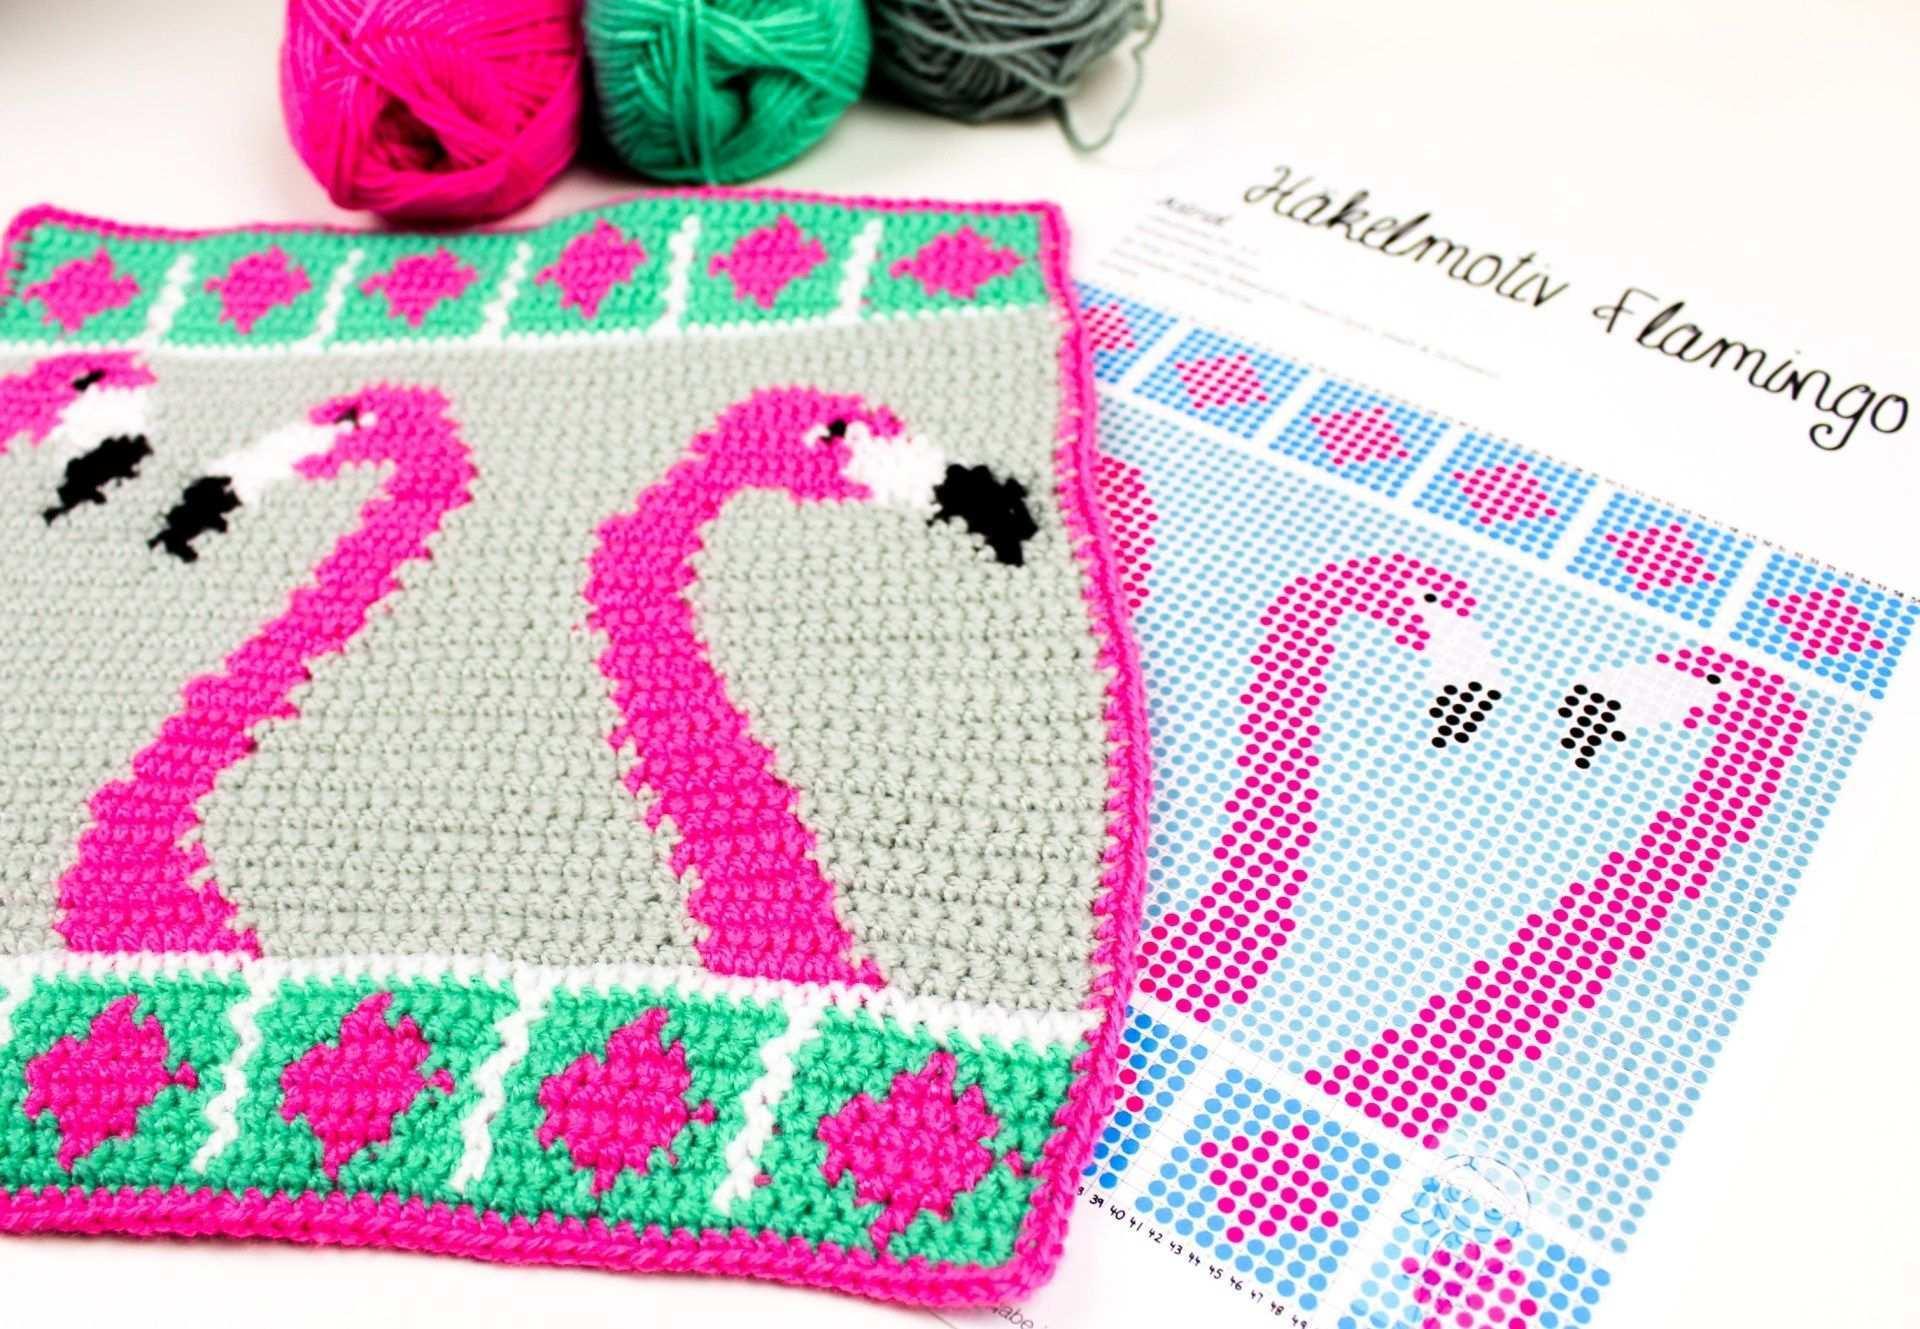 Hakelanleitung Der Woche Intarsienhakeln Mit Flamingos Frau Line Hakeln Anleitung Hakelanleitung Flamingos